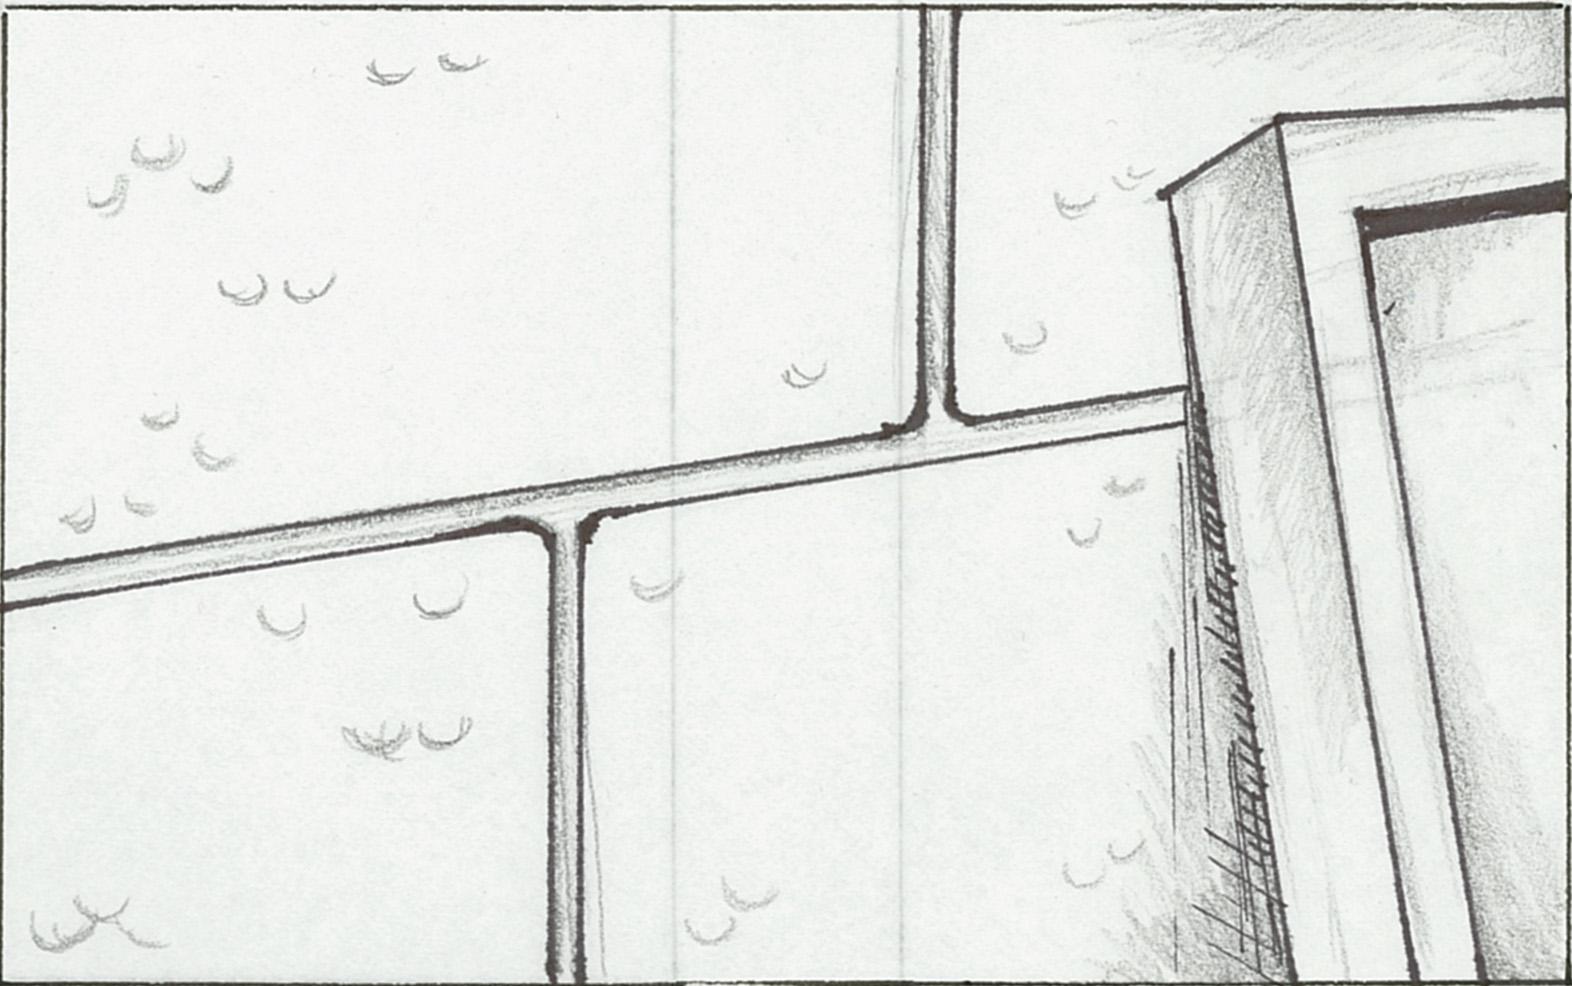 P160034_Sketch_5.jpg